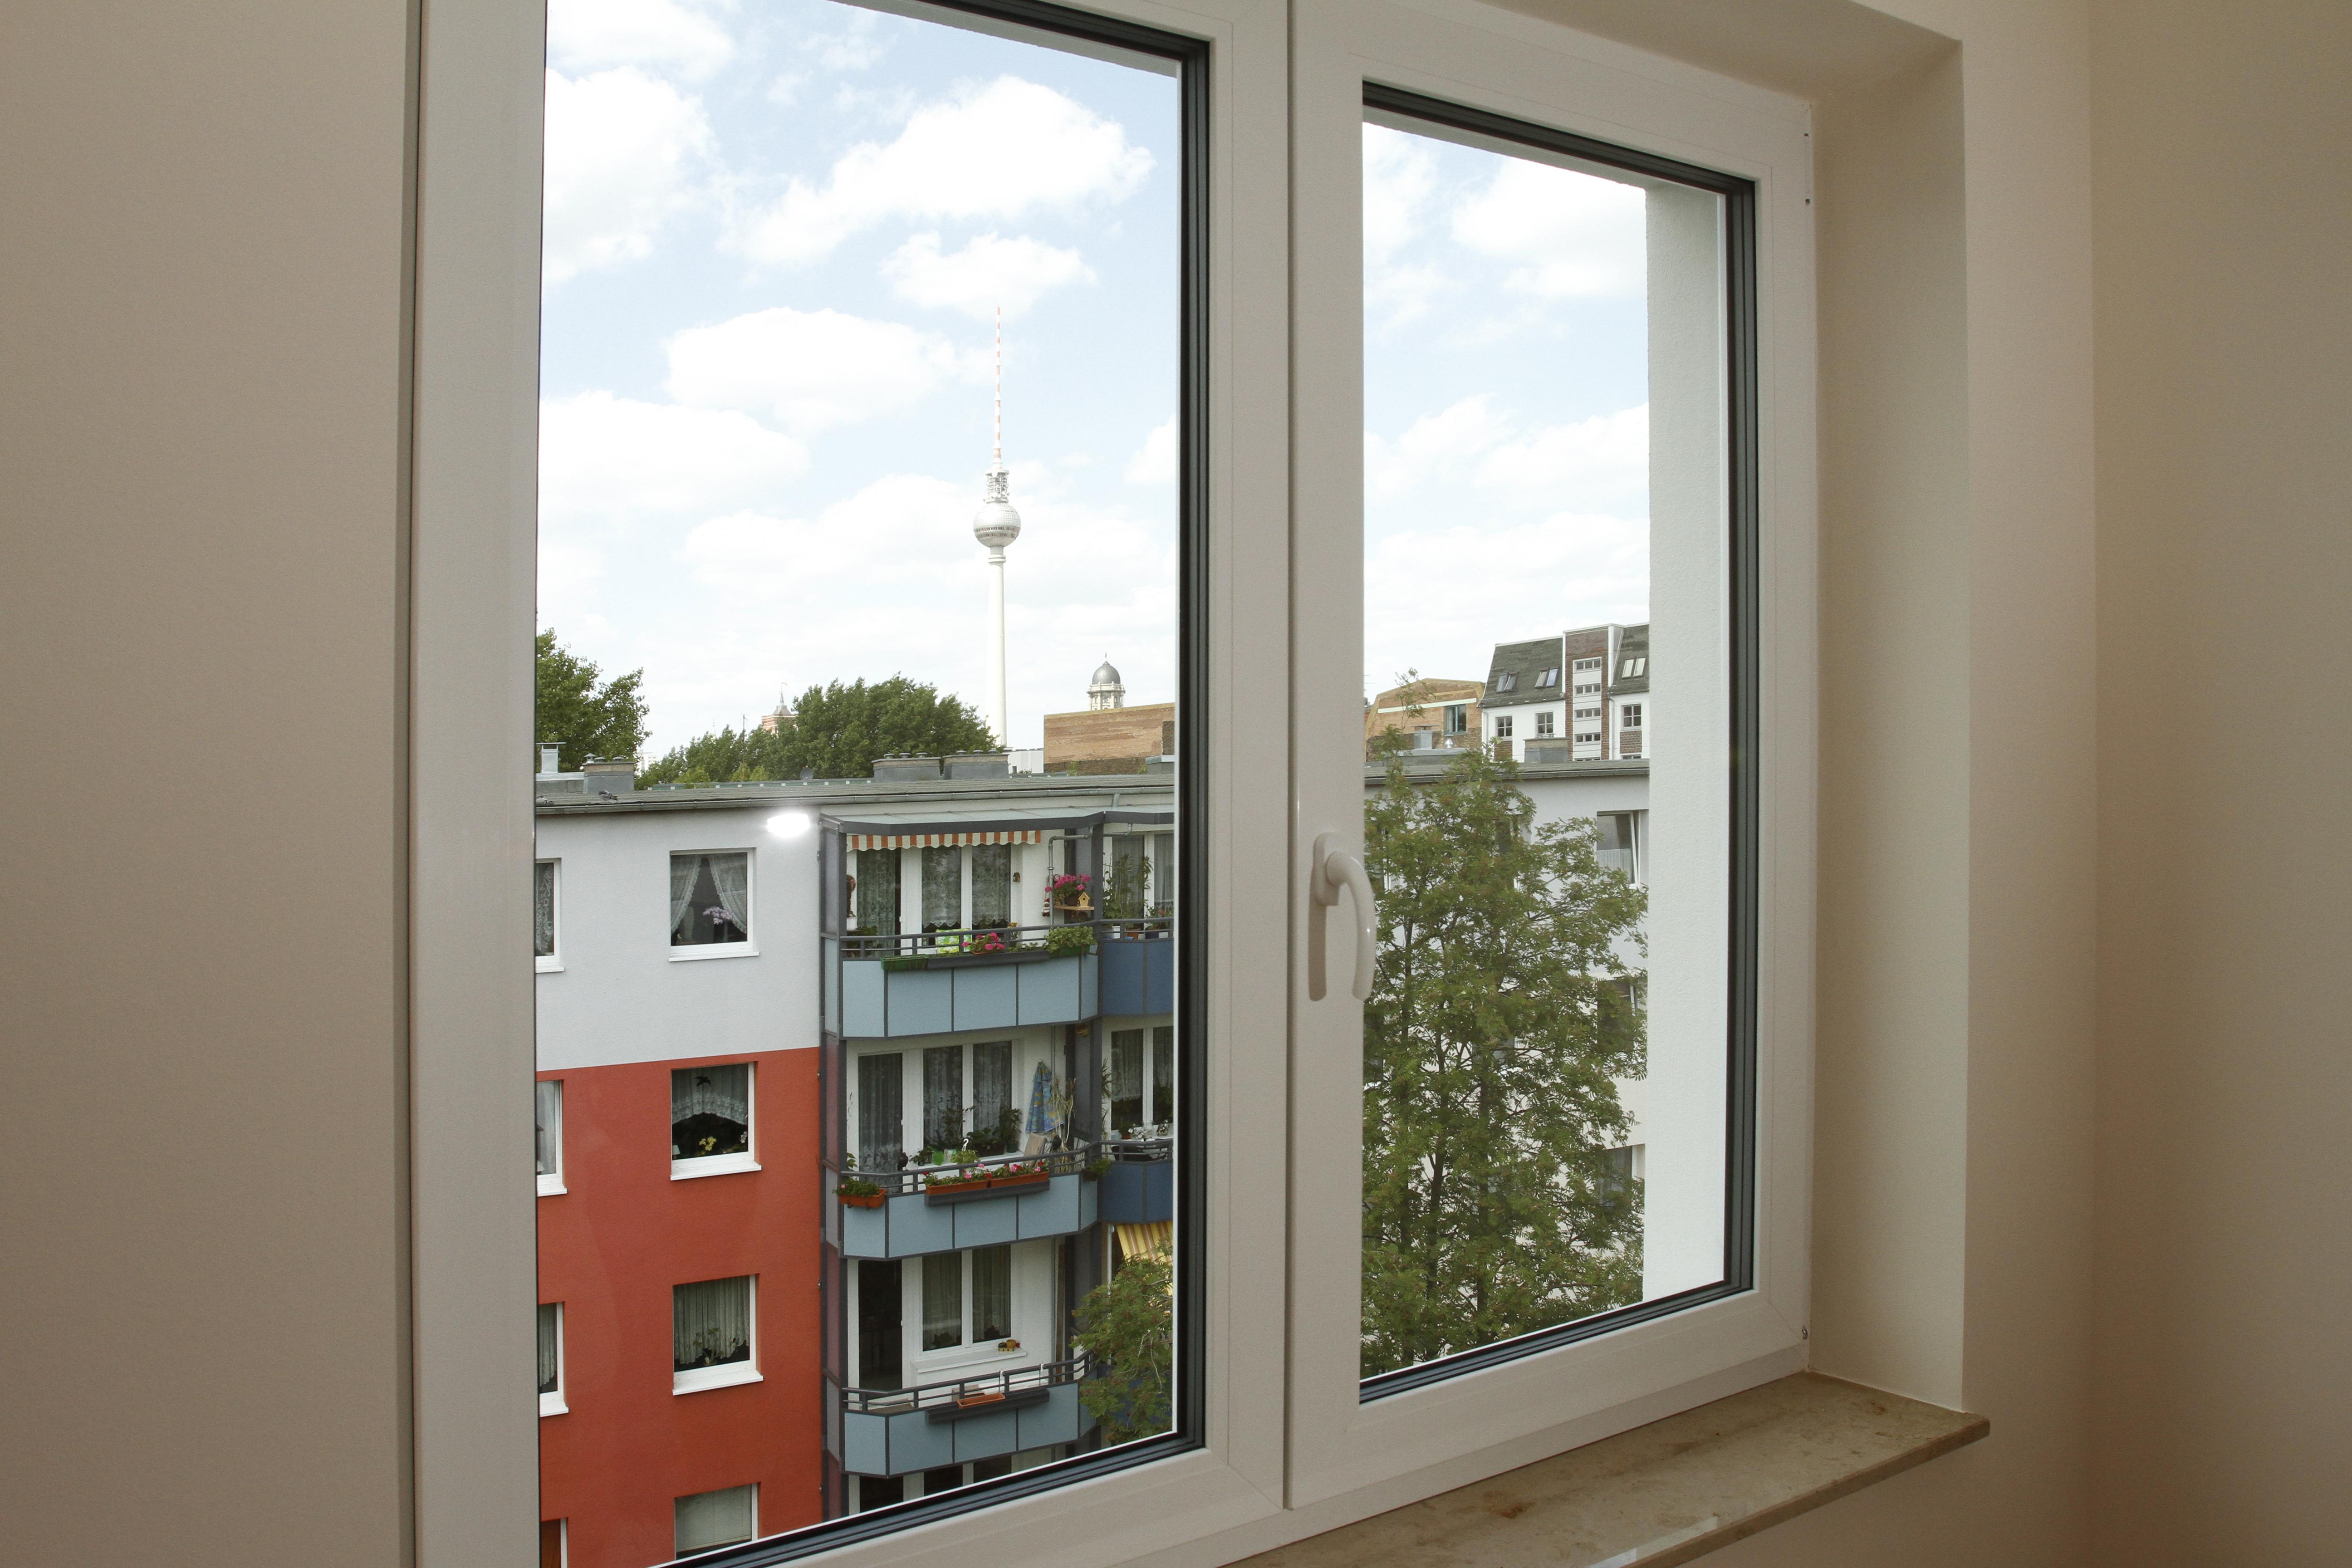 Blick aus dem Fenster zum Fernsehturm